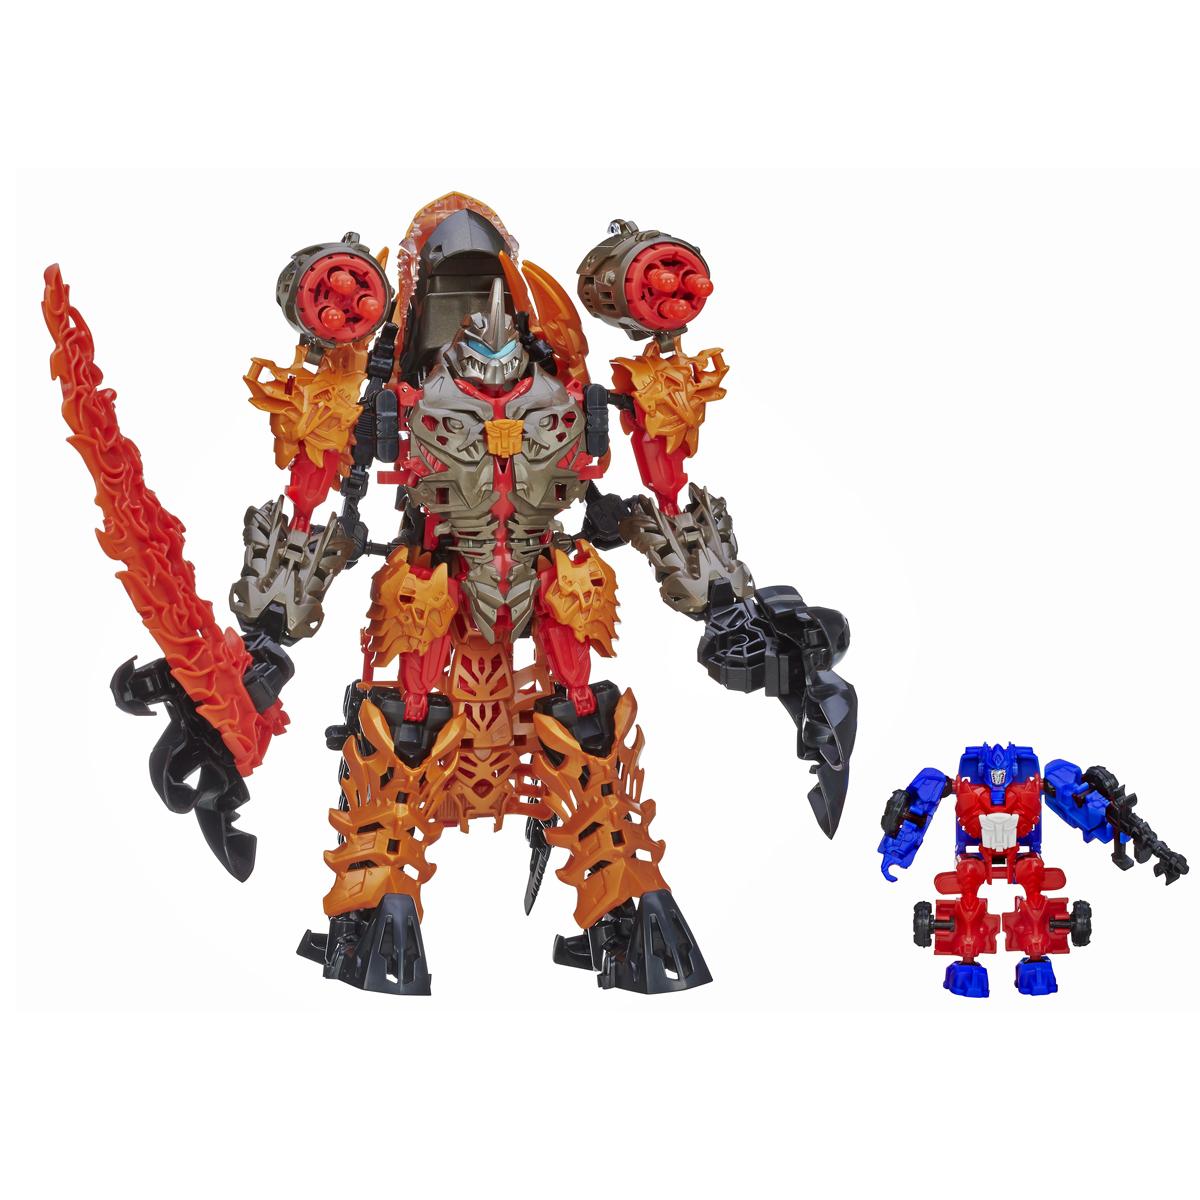 Transformers Констракт-Боты: Dinofire Grimlock & Optimus PrimeA6146Трансформер Констракт-Боты: Dinofire Grimlock & Optimus Prime непременного приведет в восторг любого мальчишку. Он сможет сам сконструировать персонажей из пластиковых деталей, держа перед глазами подробную инструкцию. Комплект позволяет собрать Гримлока - страшного и сильного динозавра, а также Оптимуса Прайма, который трансформируется в грузовик. В 4 простых шага вы сможете легко и быстро трансформировать фигурку робота в могучего динозавра. Начинающий инженер опробует свои силы в конструировании и разовьет творческое мышление. Игрушка оснащена световыми и звуковыми эффектами, а также функция стрельбы. В комплект входит буклет со схематичными инструкциями для сборки фигурок. Ваш ребенок часами будет играть с конструктором, придумывая разные истории. Порадуйте его таким замечательным подарком! Рекомендуется докупить 2 батарейки типа AG13 (LR44) (товар комплектуется демонстрационными).